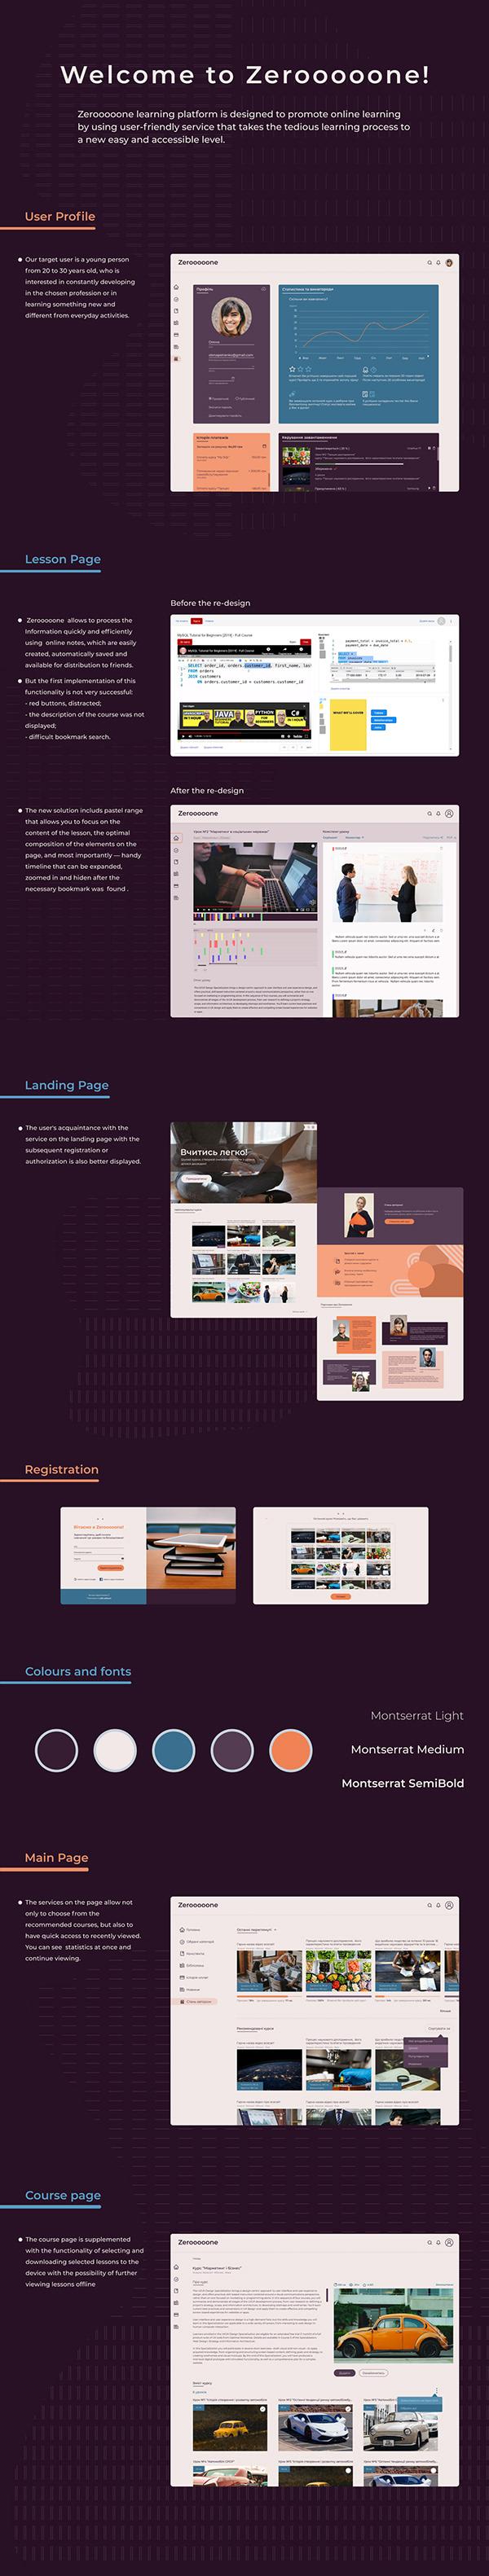 ZeroOne - educational online platform